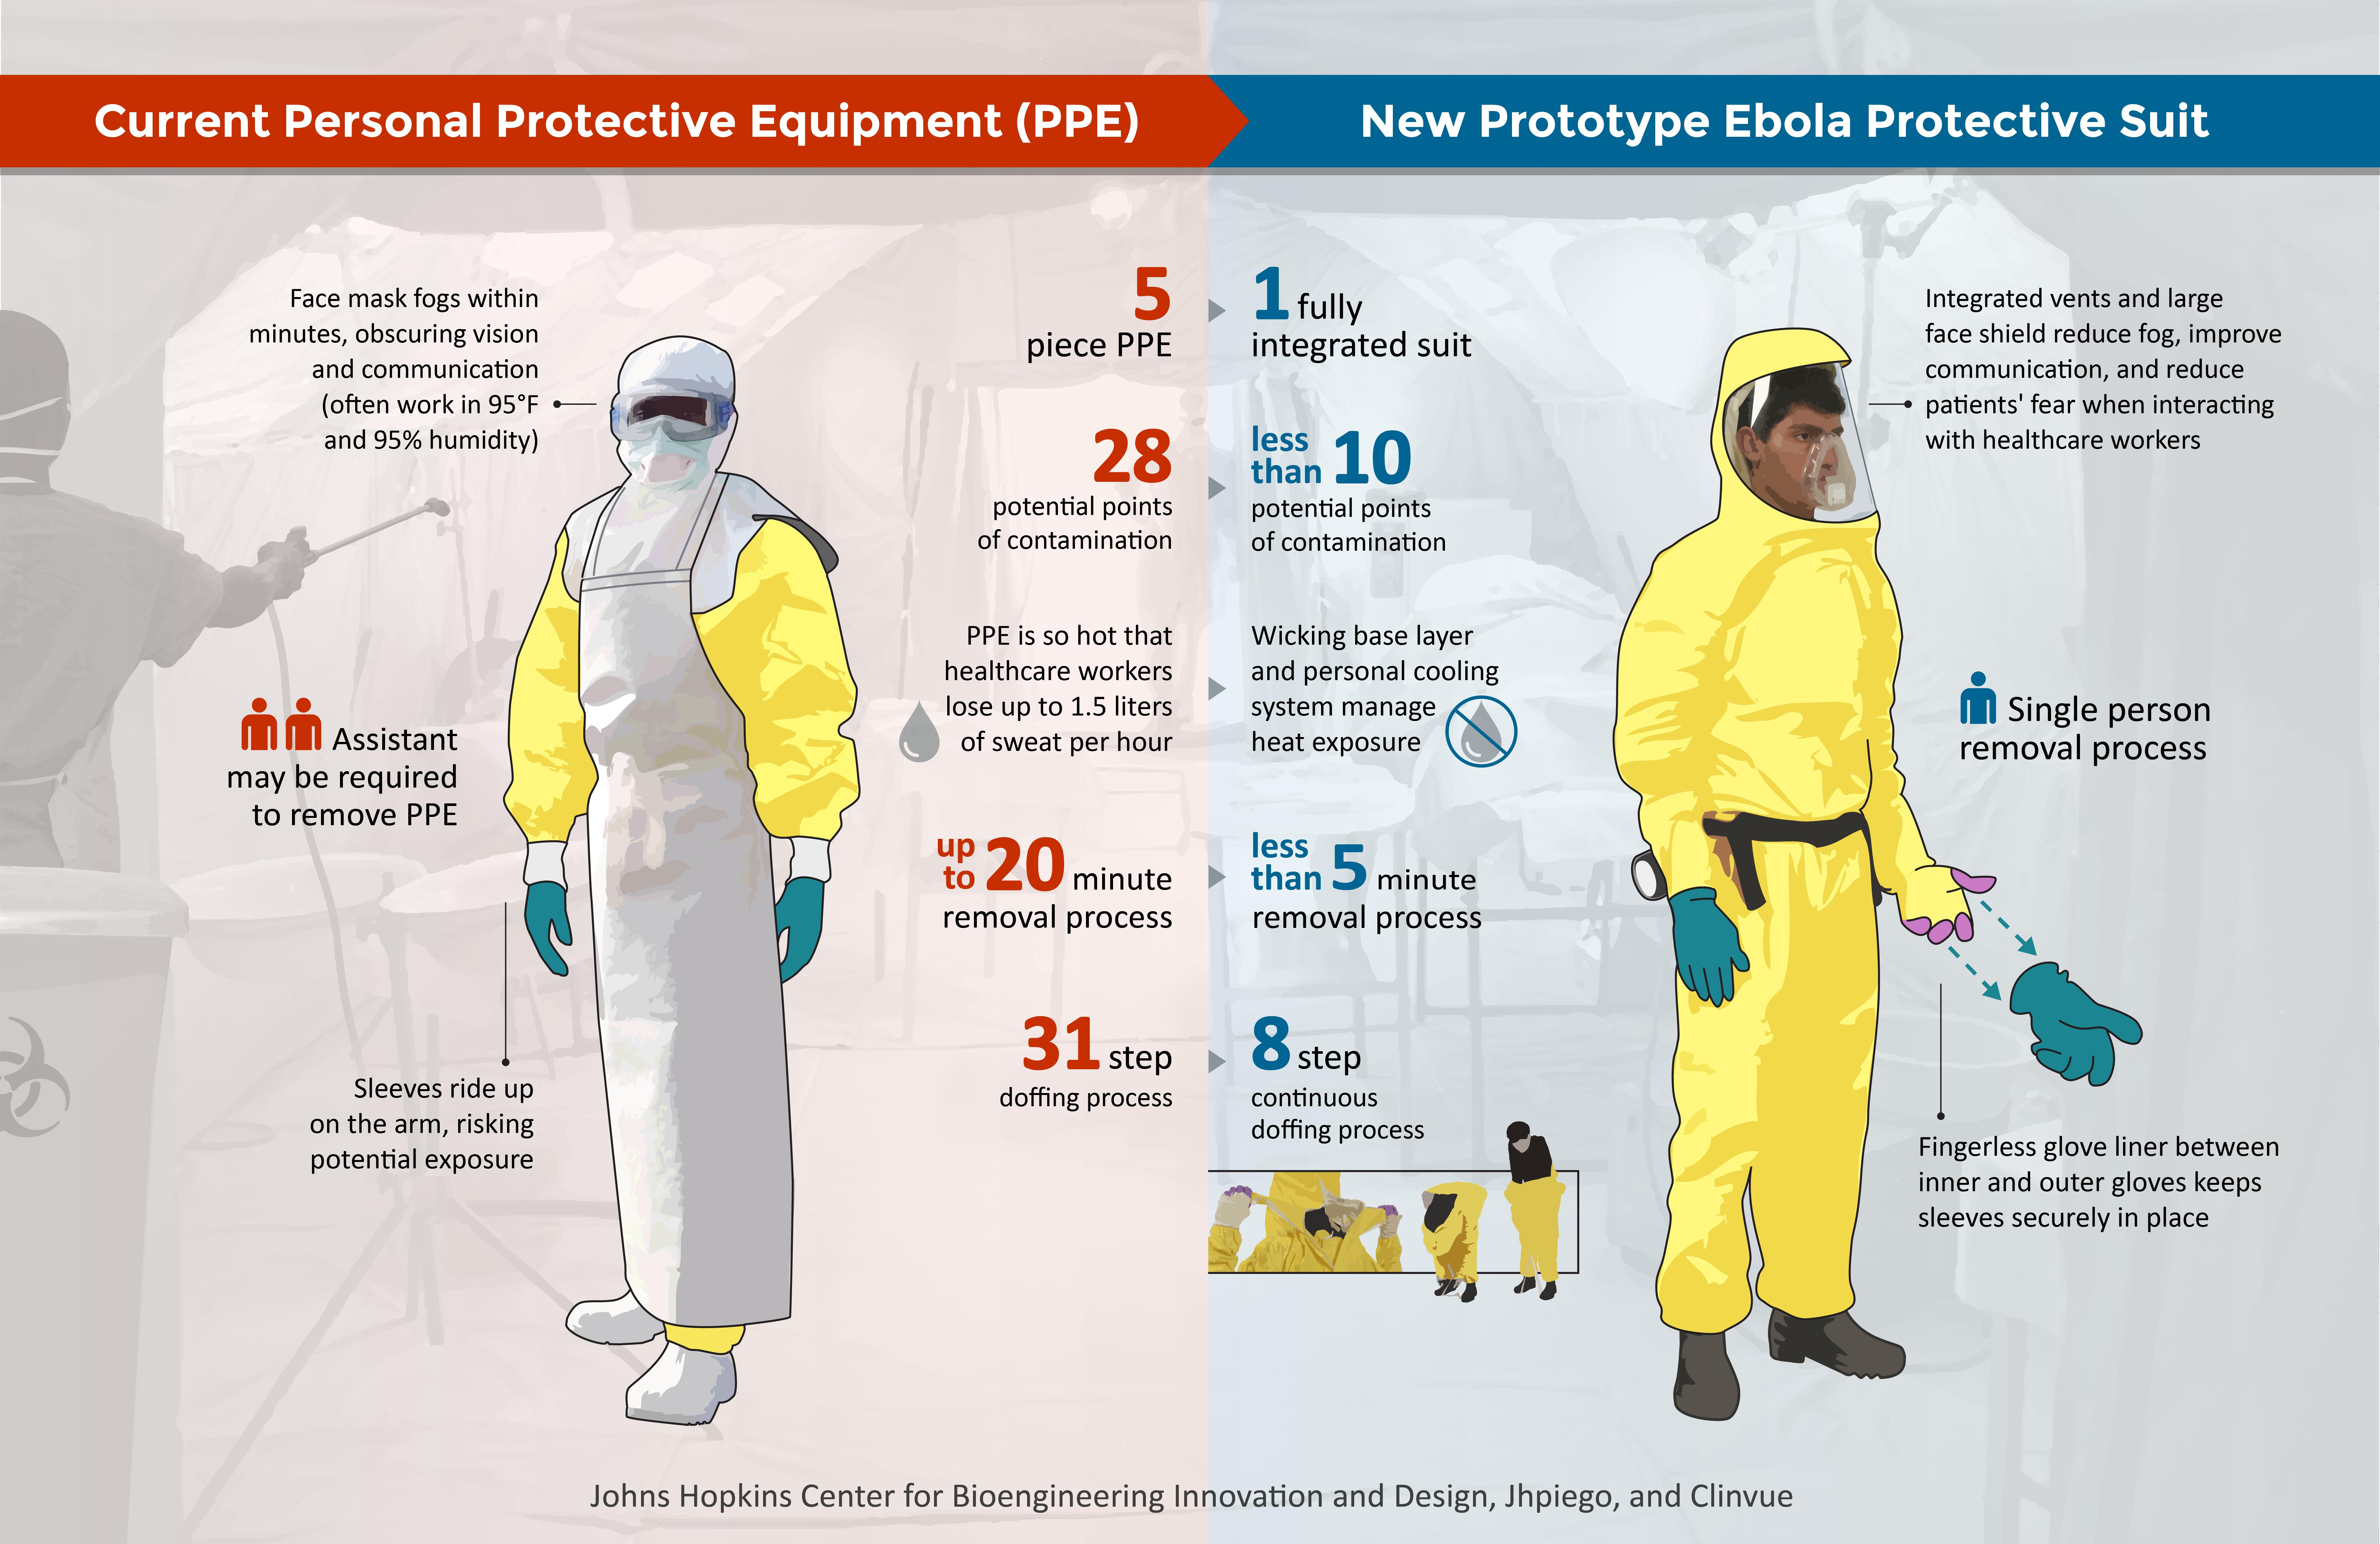 A Wedding Gown Designer Gave The Ebola Hazmat Suit A